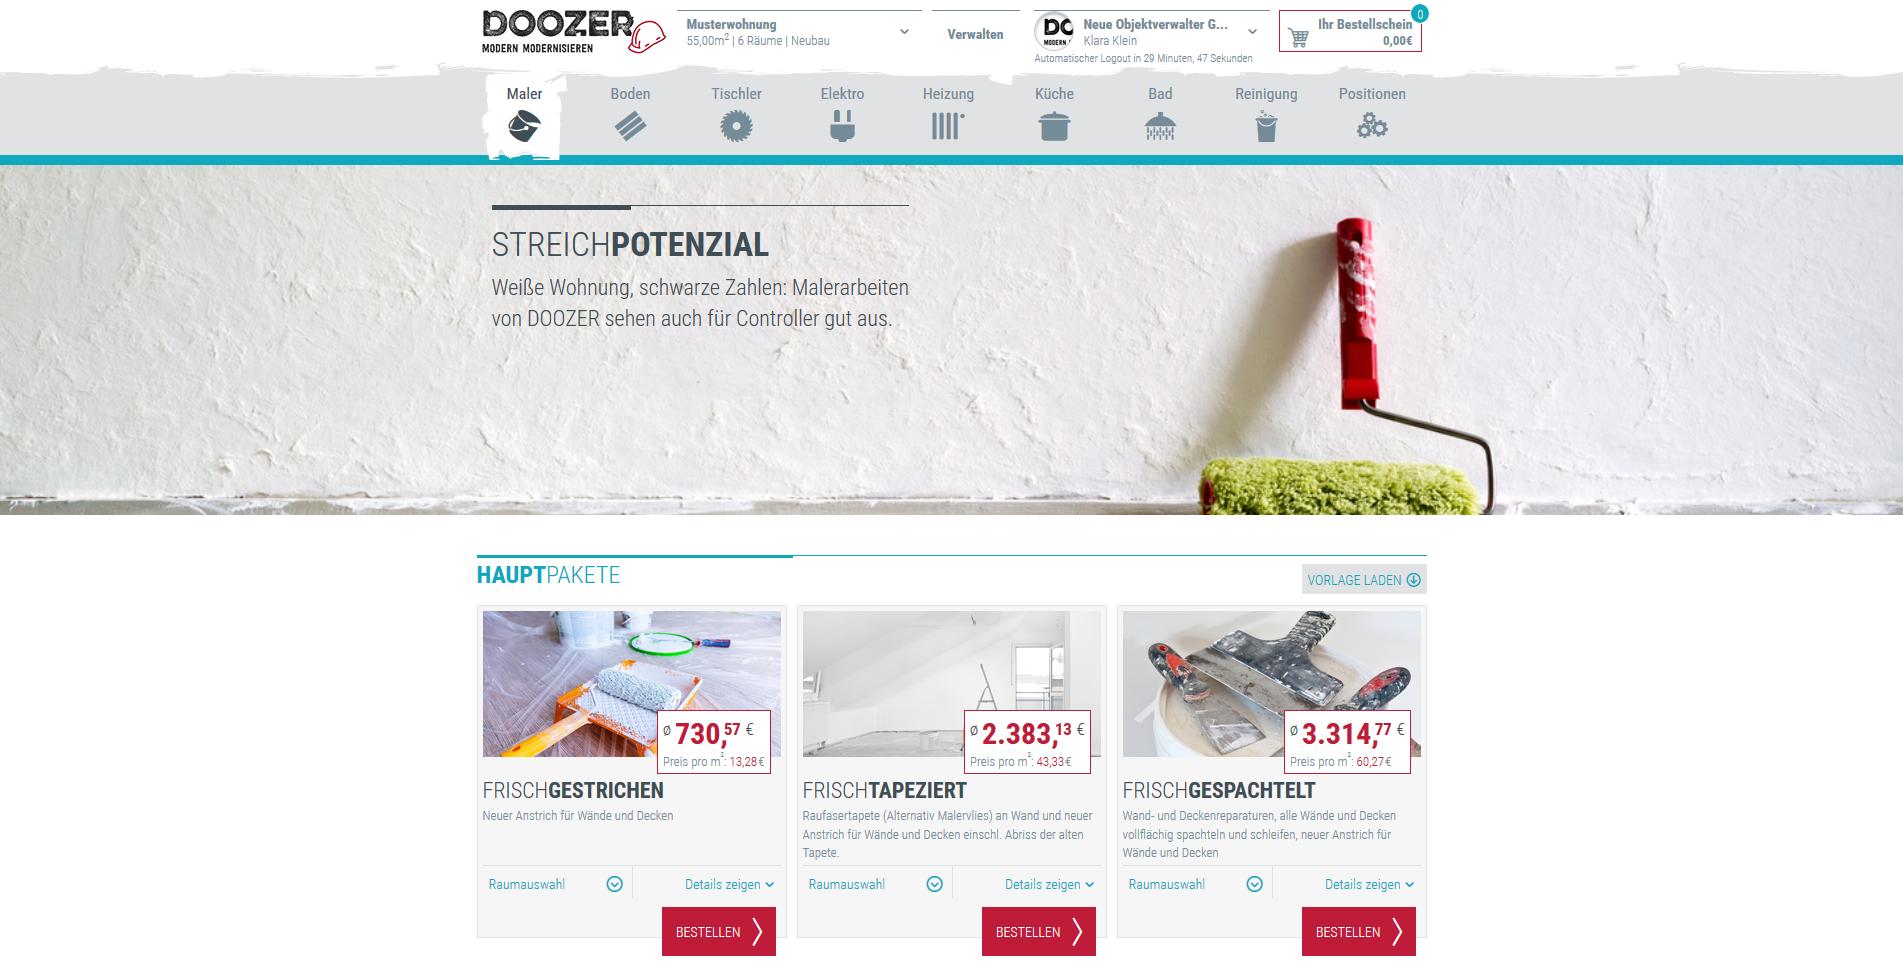 DOOZER_Ansicht_Portal